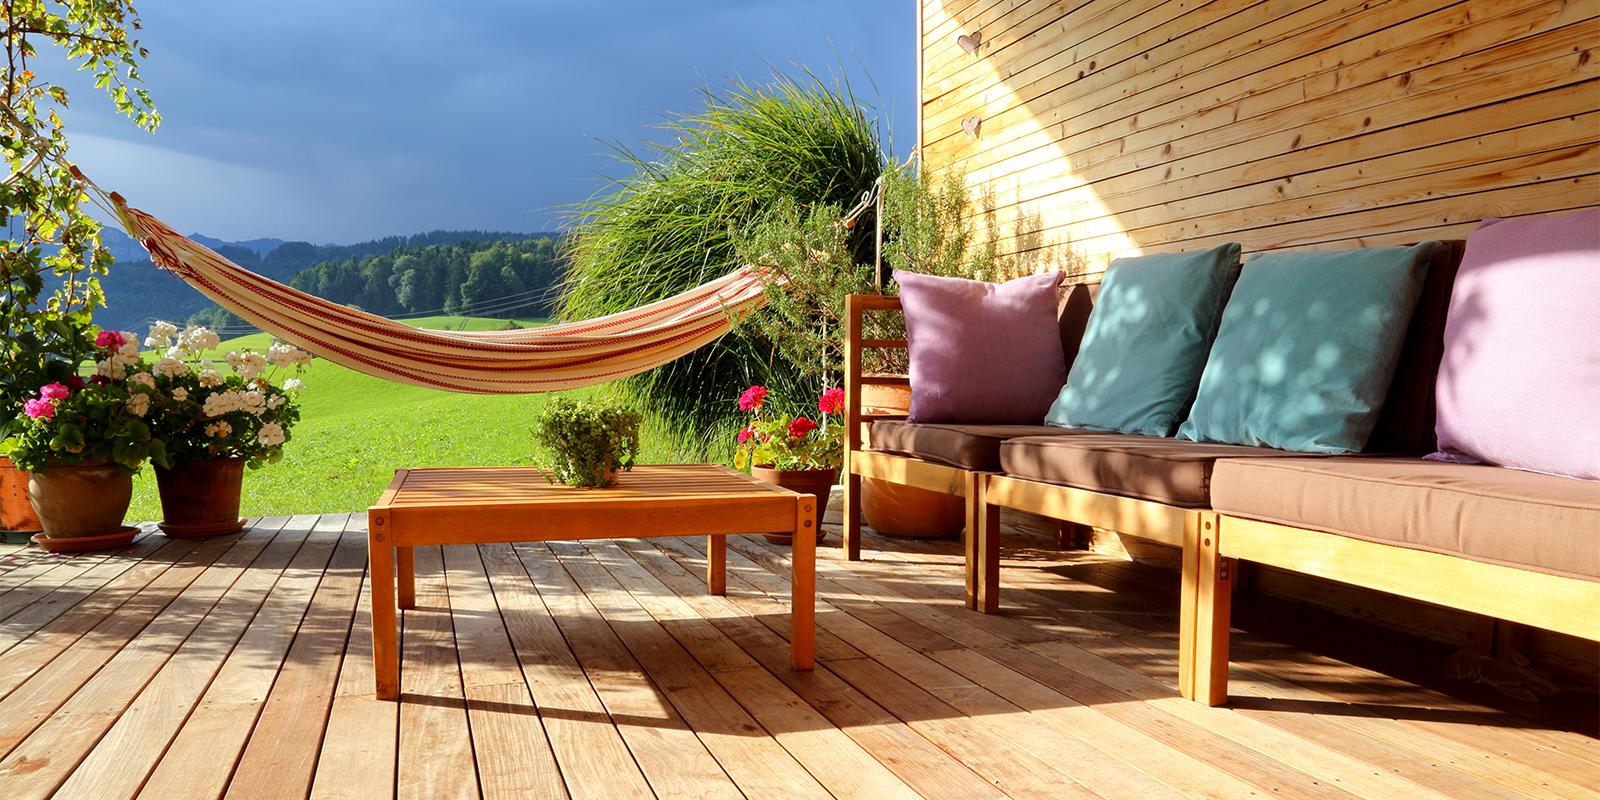 Frühjahrsputz für deinen Außenbereich: So machst du Balkon und Terrasse fit für den Frühling